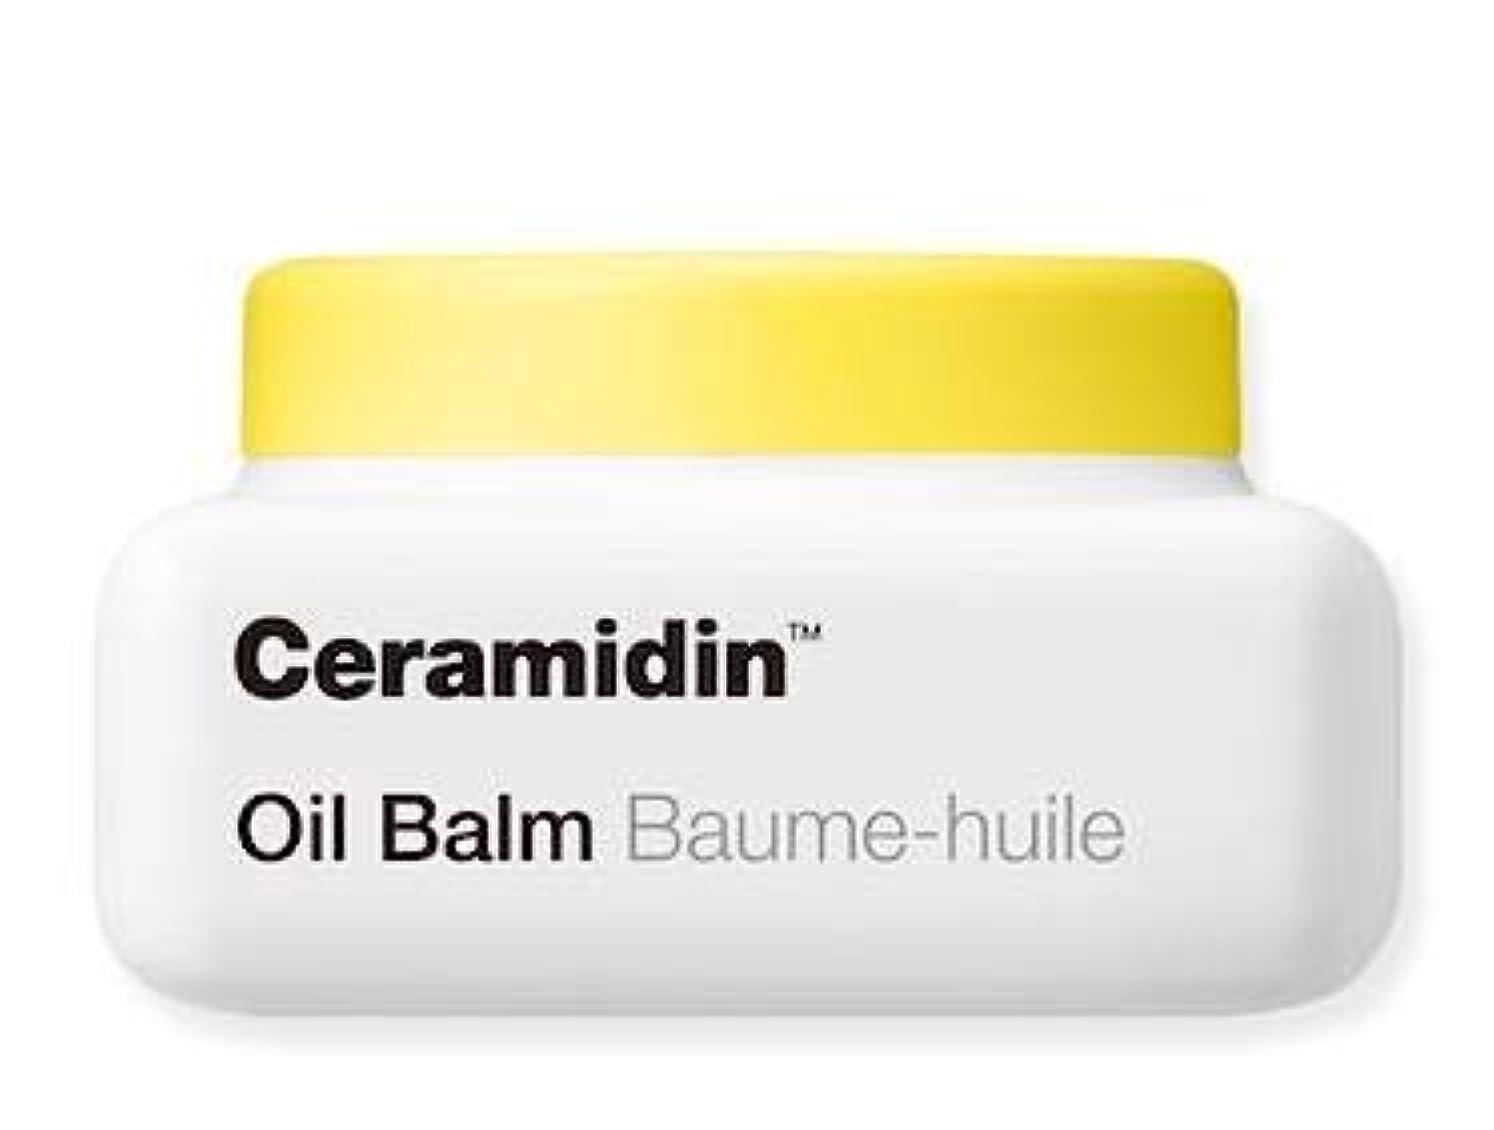 最初にの間に注目すべきDr.Jart Ceramidin Oil Balm ドクタージャルトセラマイディンオイルバーム [並行輸入品]